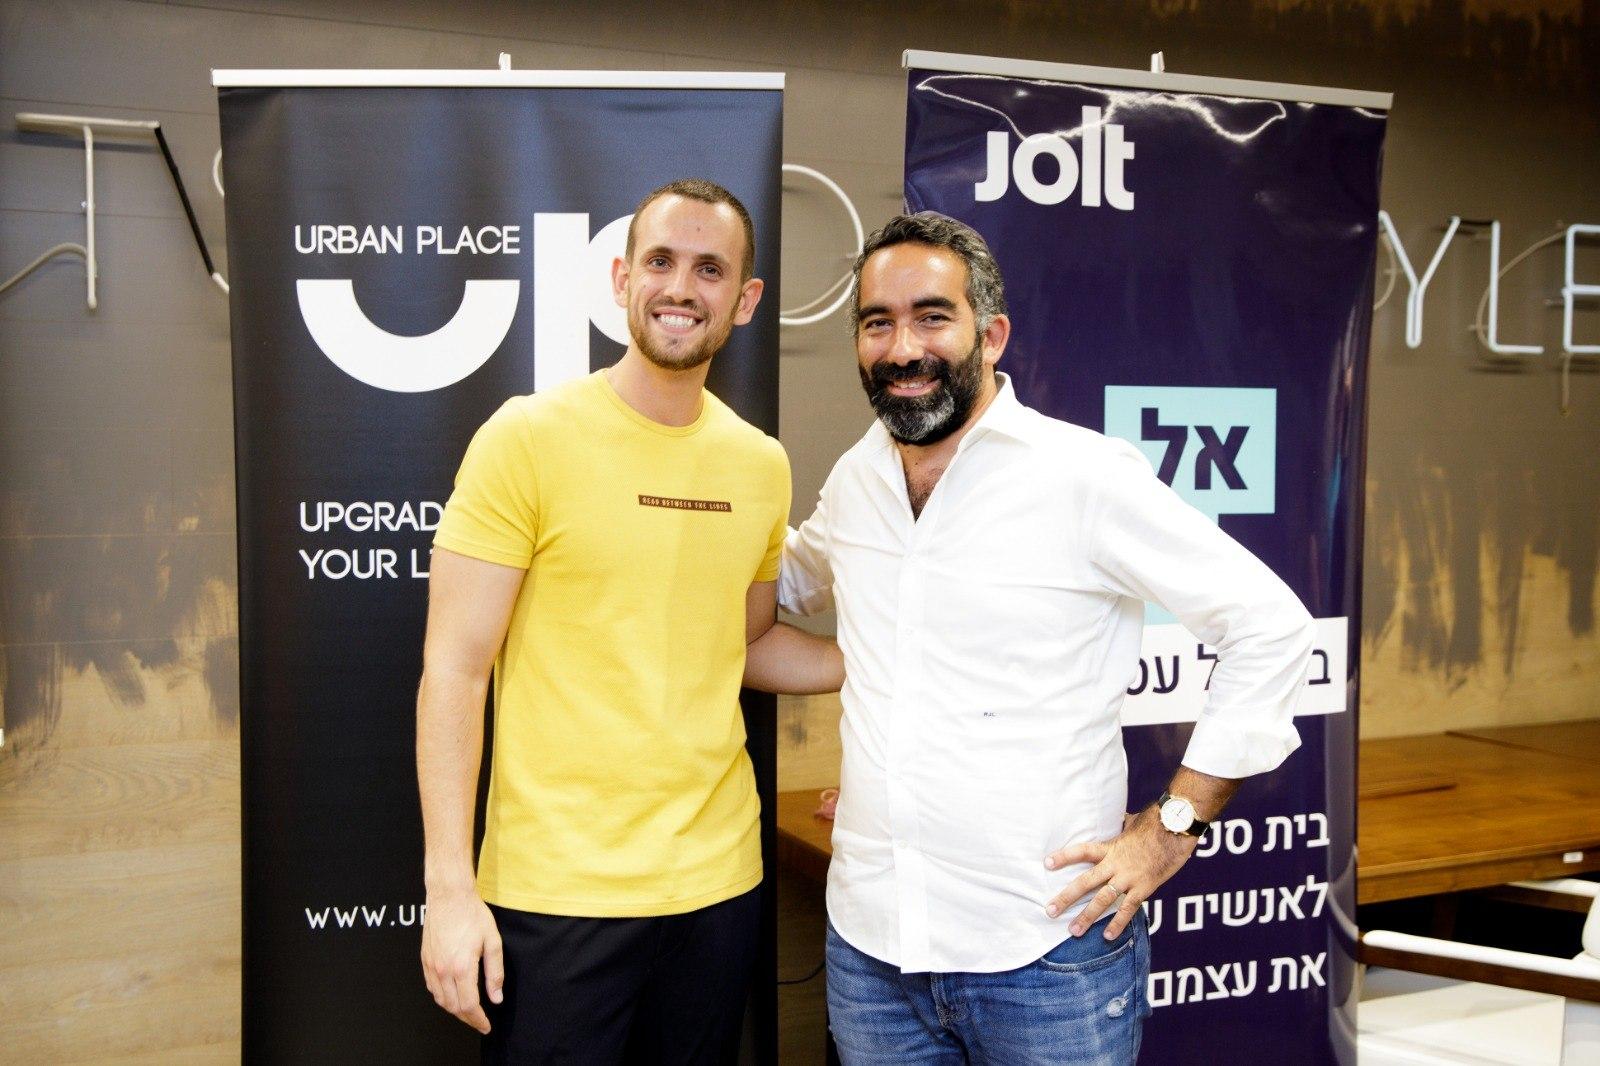 """רומן לוי מנכ""""ל רשת Urban Place ורועי דויטש מנכ""""ל Jolt"""